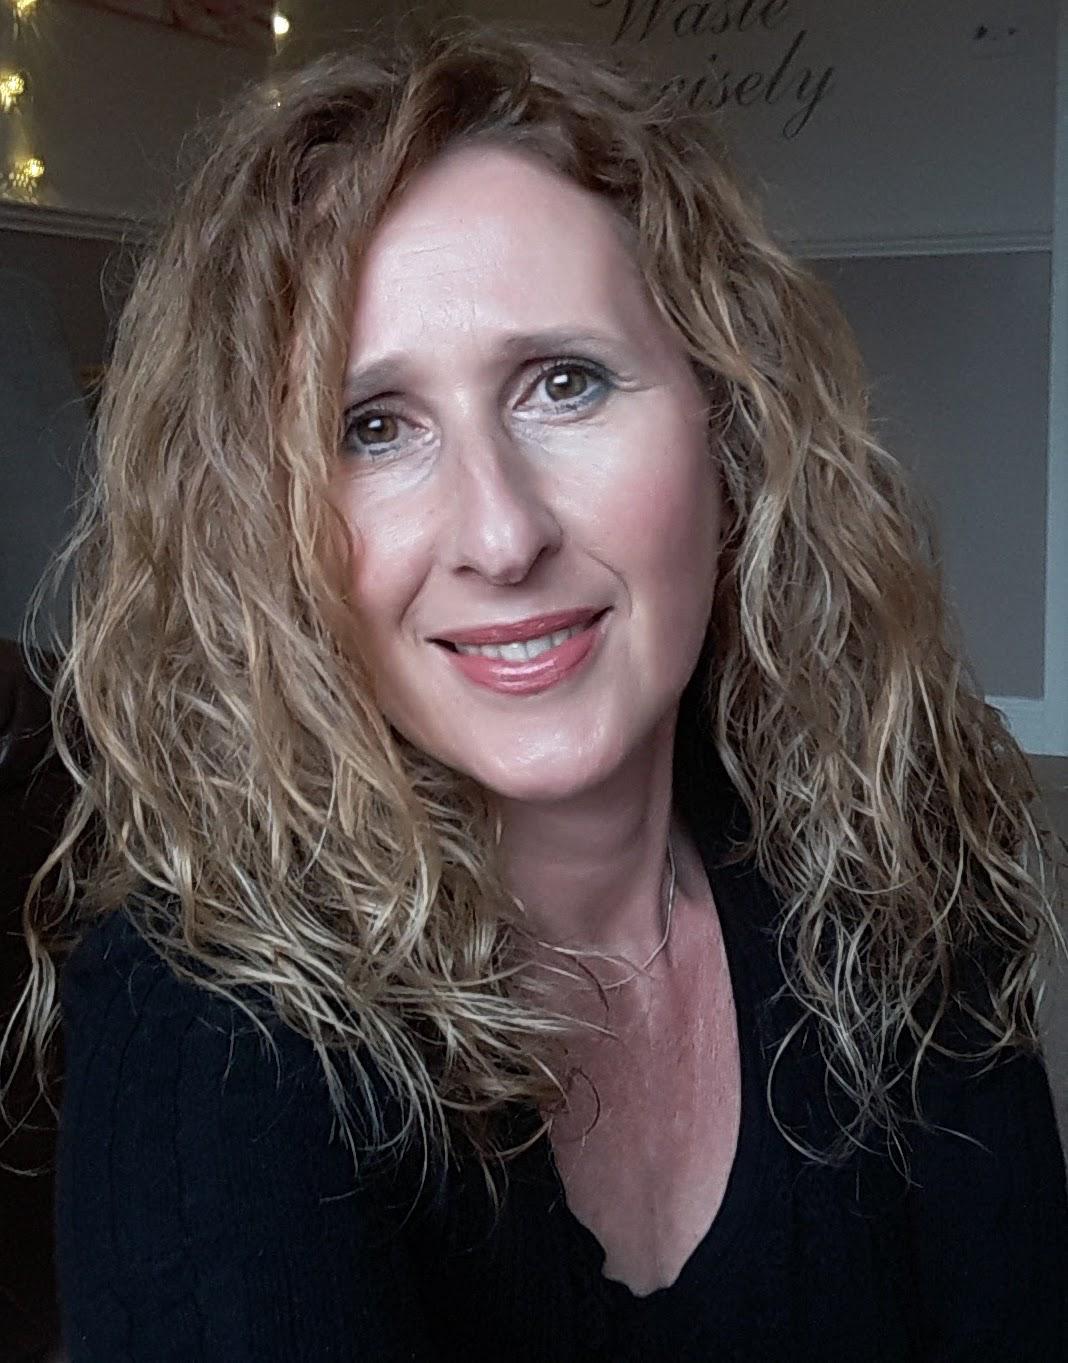 Joanna Nye